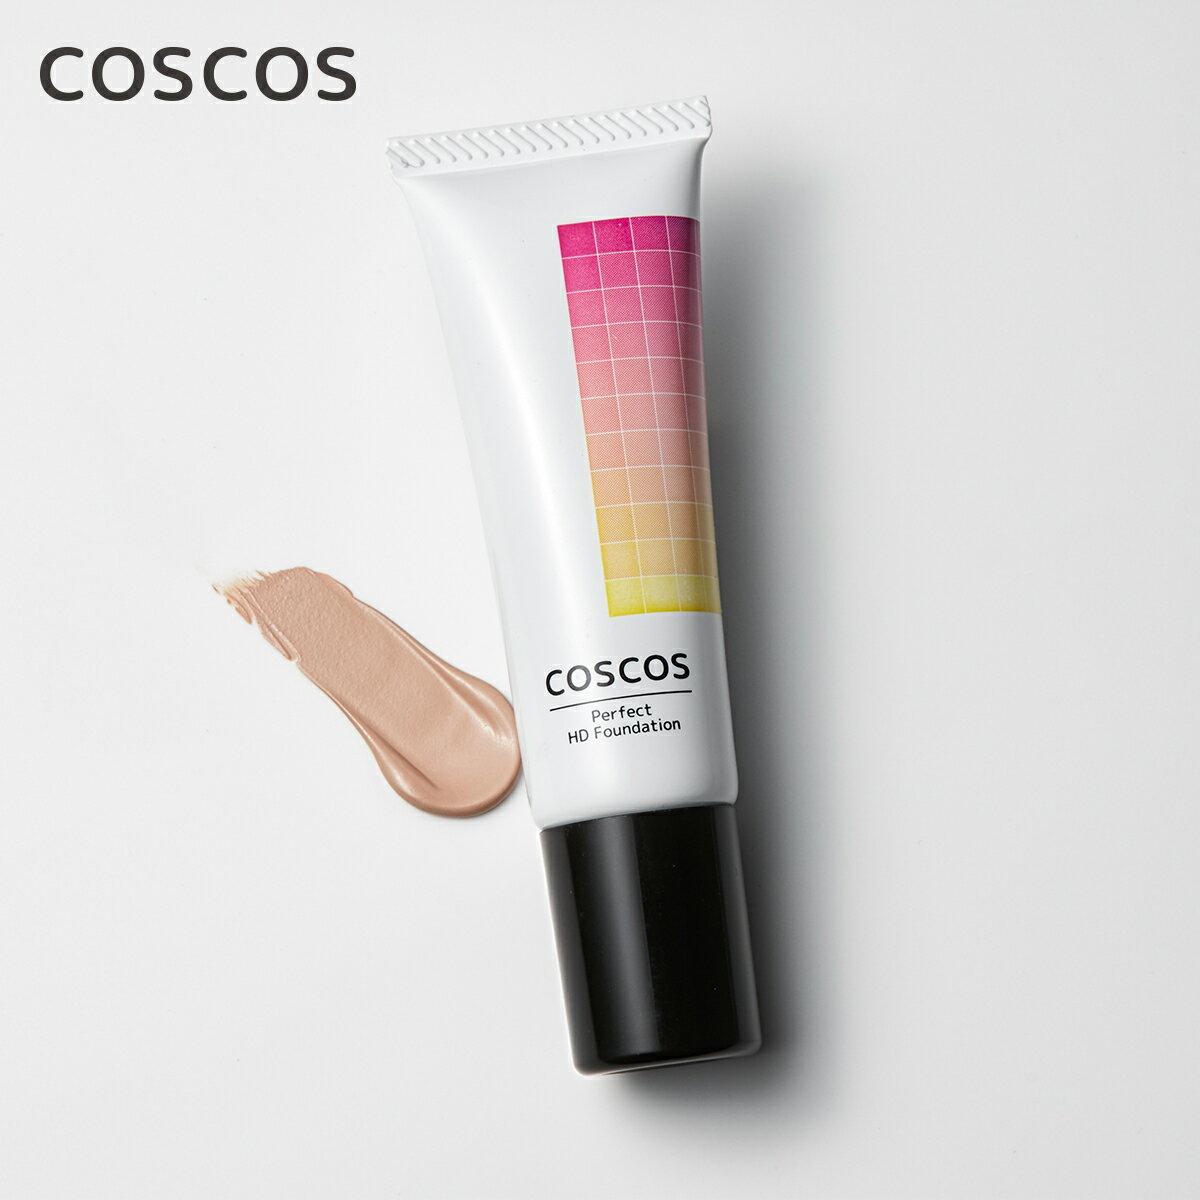 COSCOS リキッドファンデーション Fナチュラル02 ライトピンクベージュ 毛穴レス 高カバー力 メイク コスコス コスプレ コスプレイヤー 持続 カメラ映え